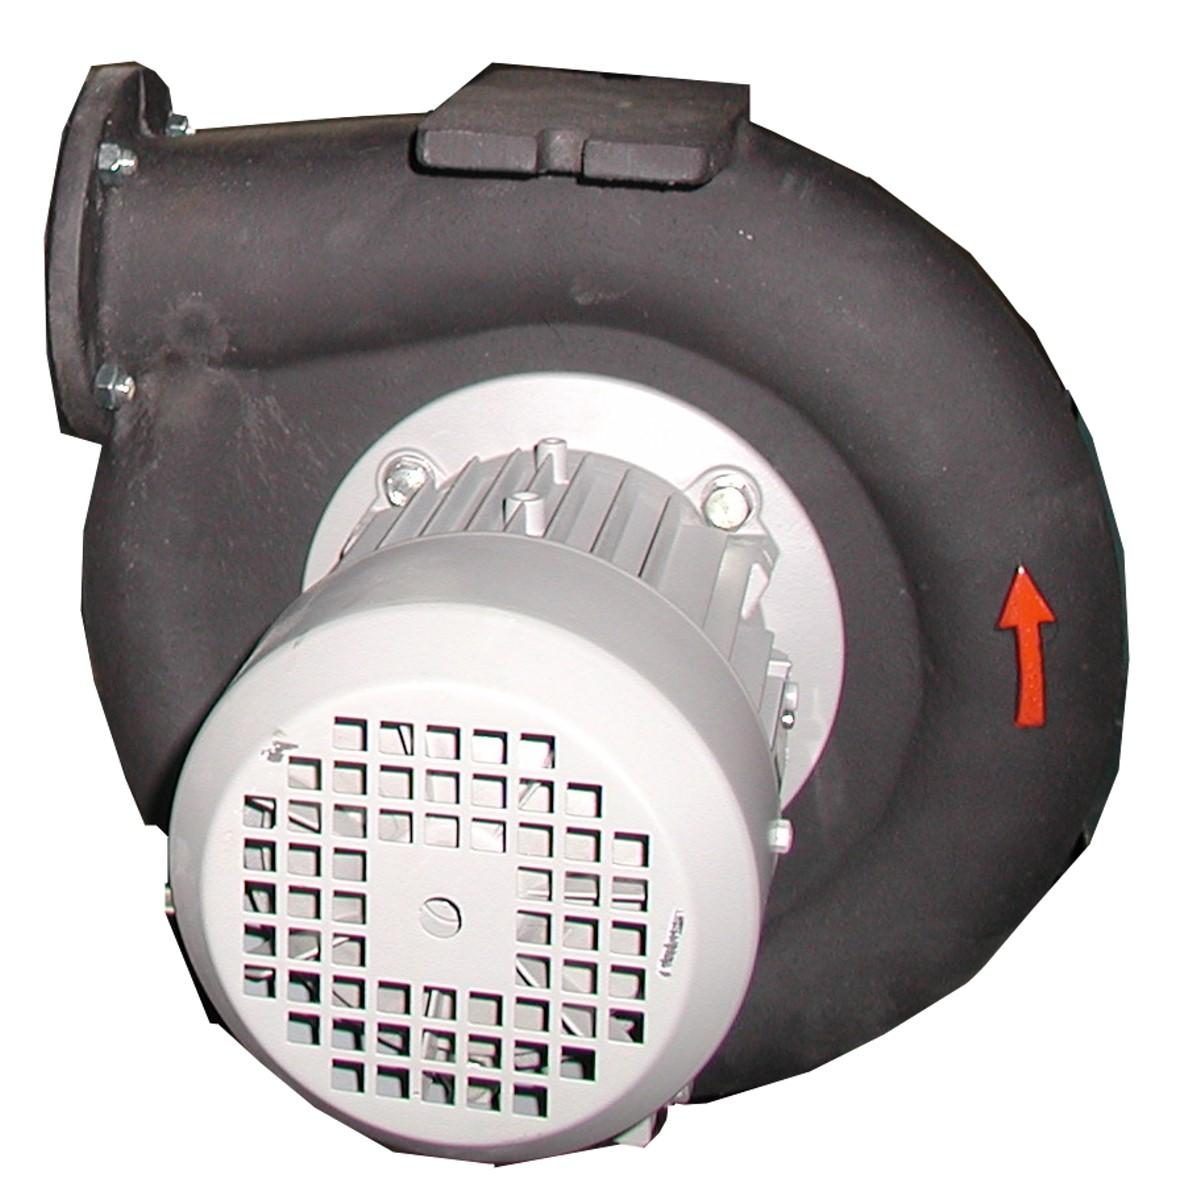 ventilateur type sv 370 ventilateurs forges charbon monde de la forge angele shop. Black Bedroom Furniture Sets. Home Design Ideas